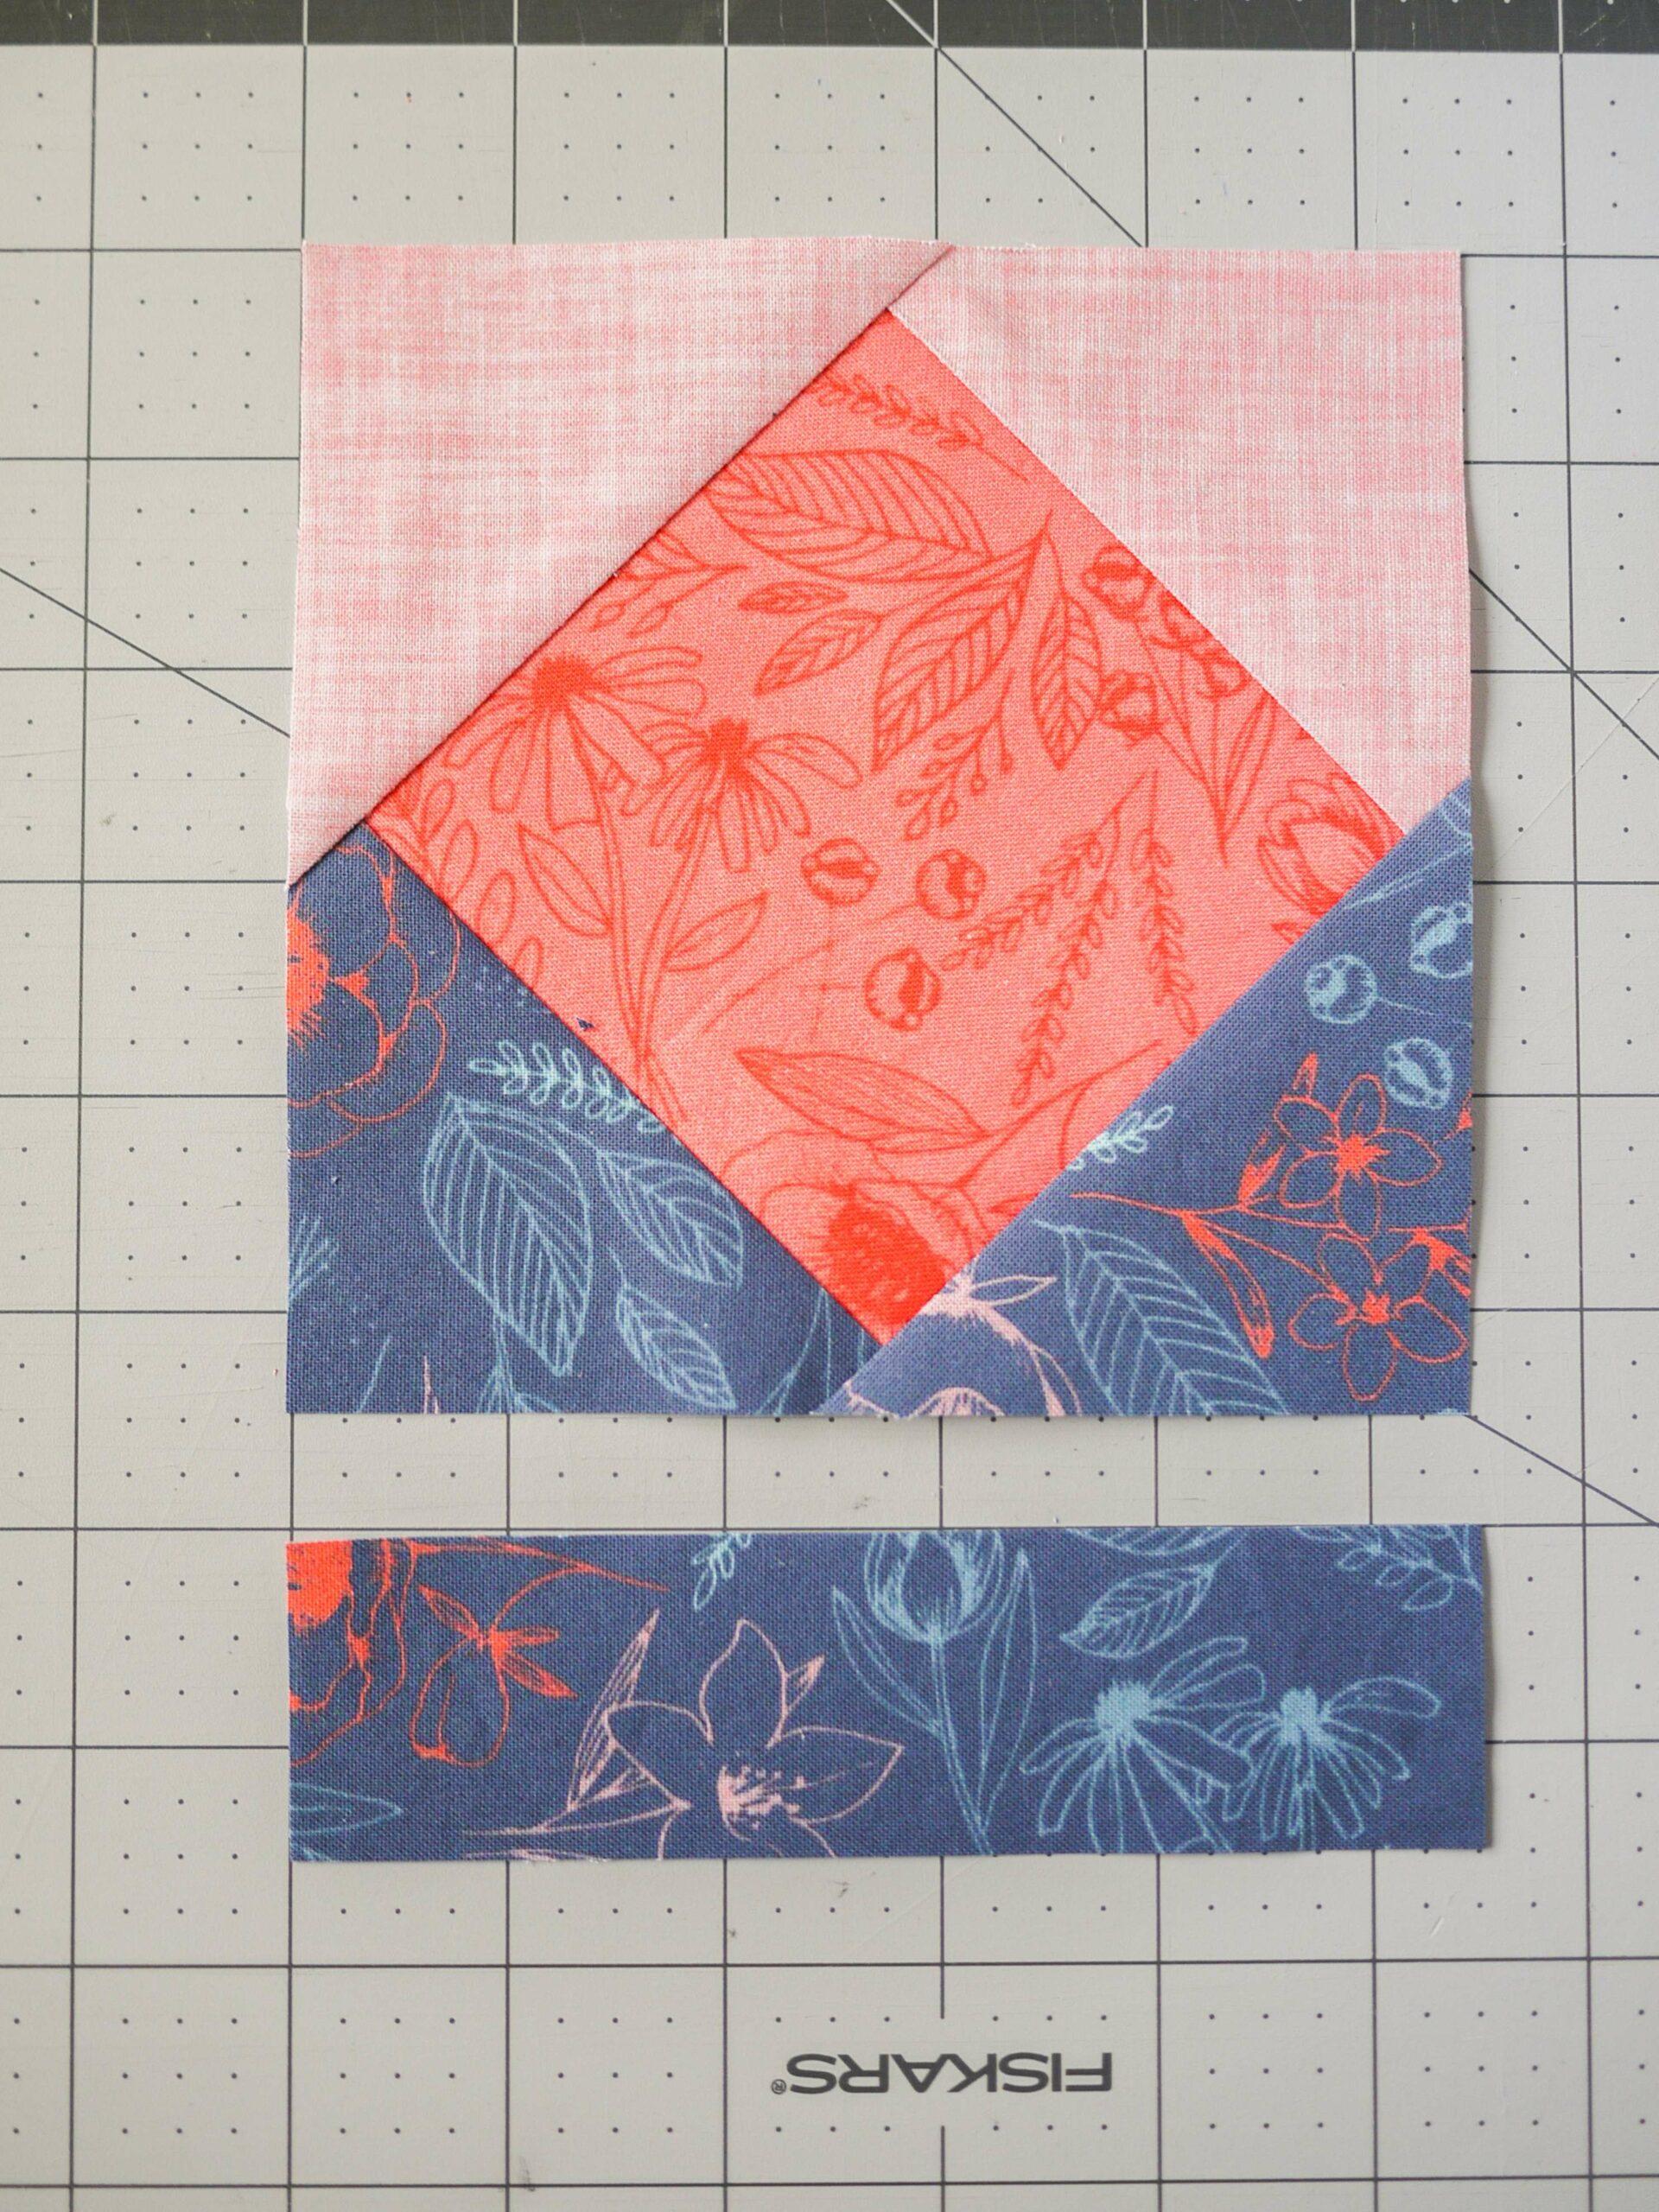 Lege die Dreiecke auf das Quadrat für das Umschlag Design für die Spoonflower Quilt Quadrate Party